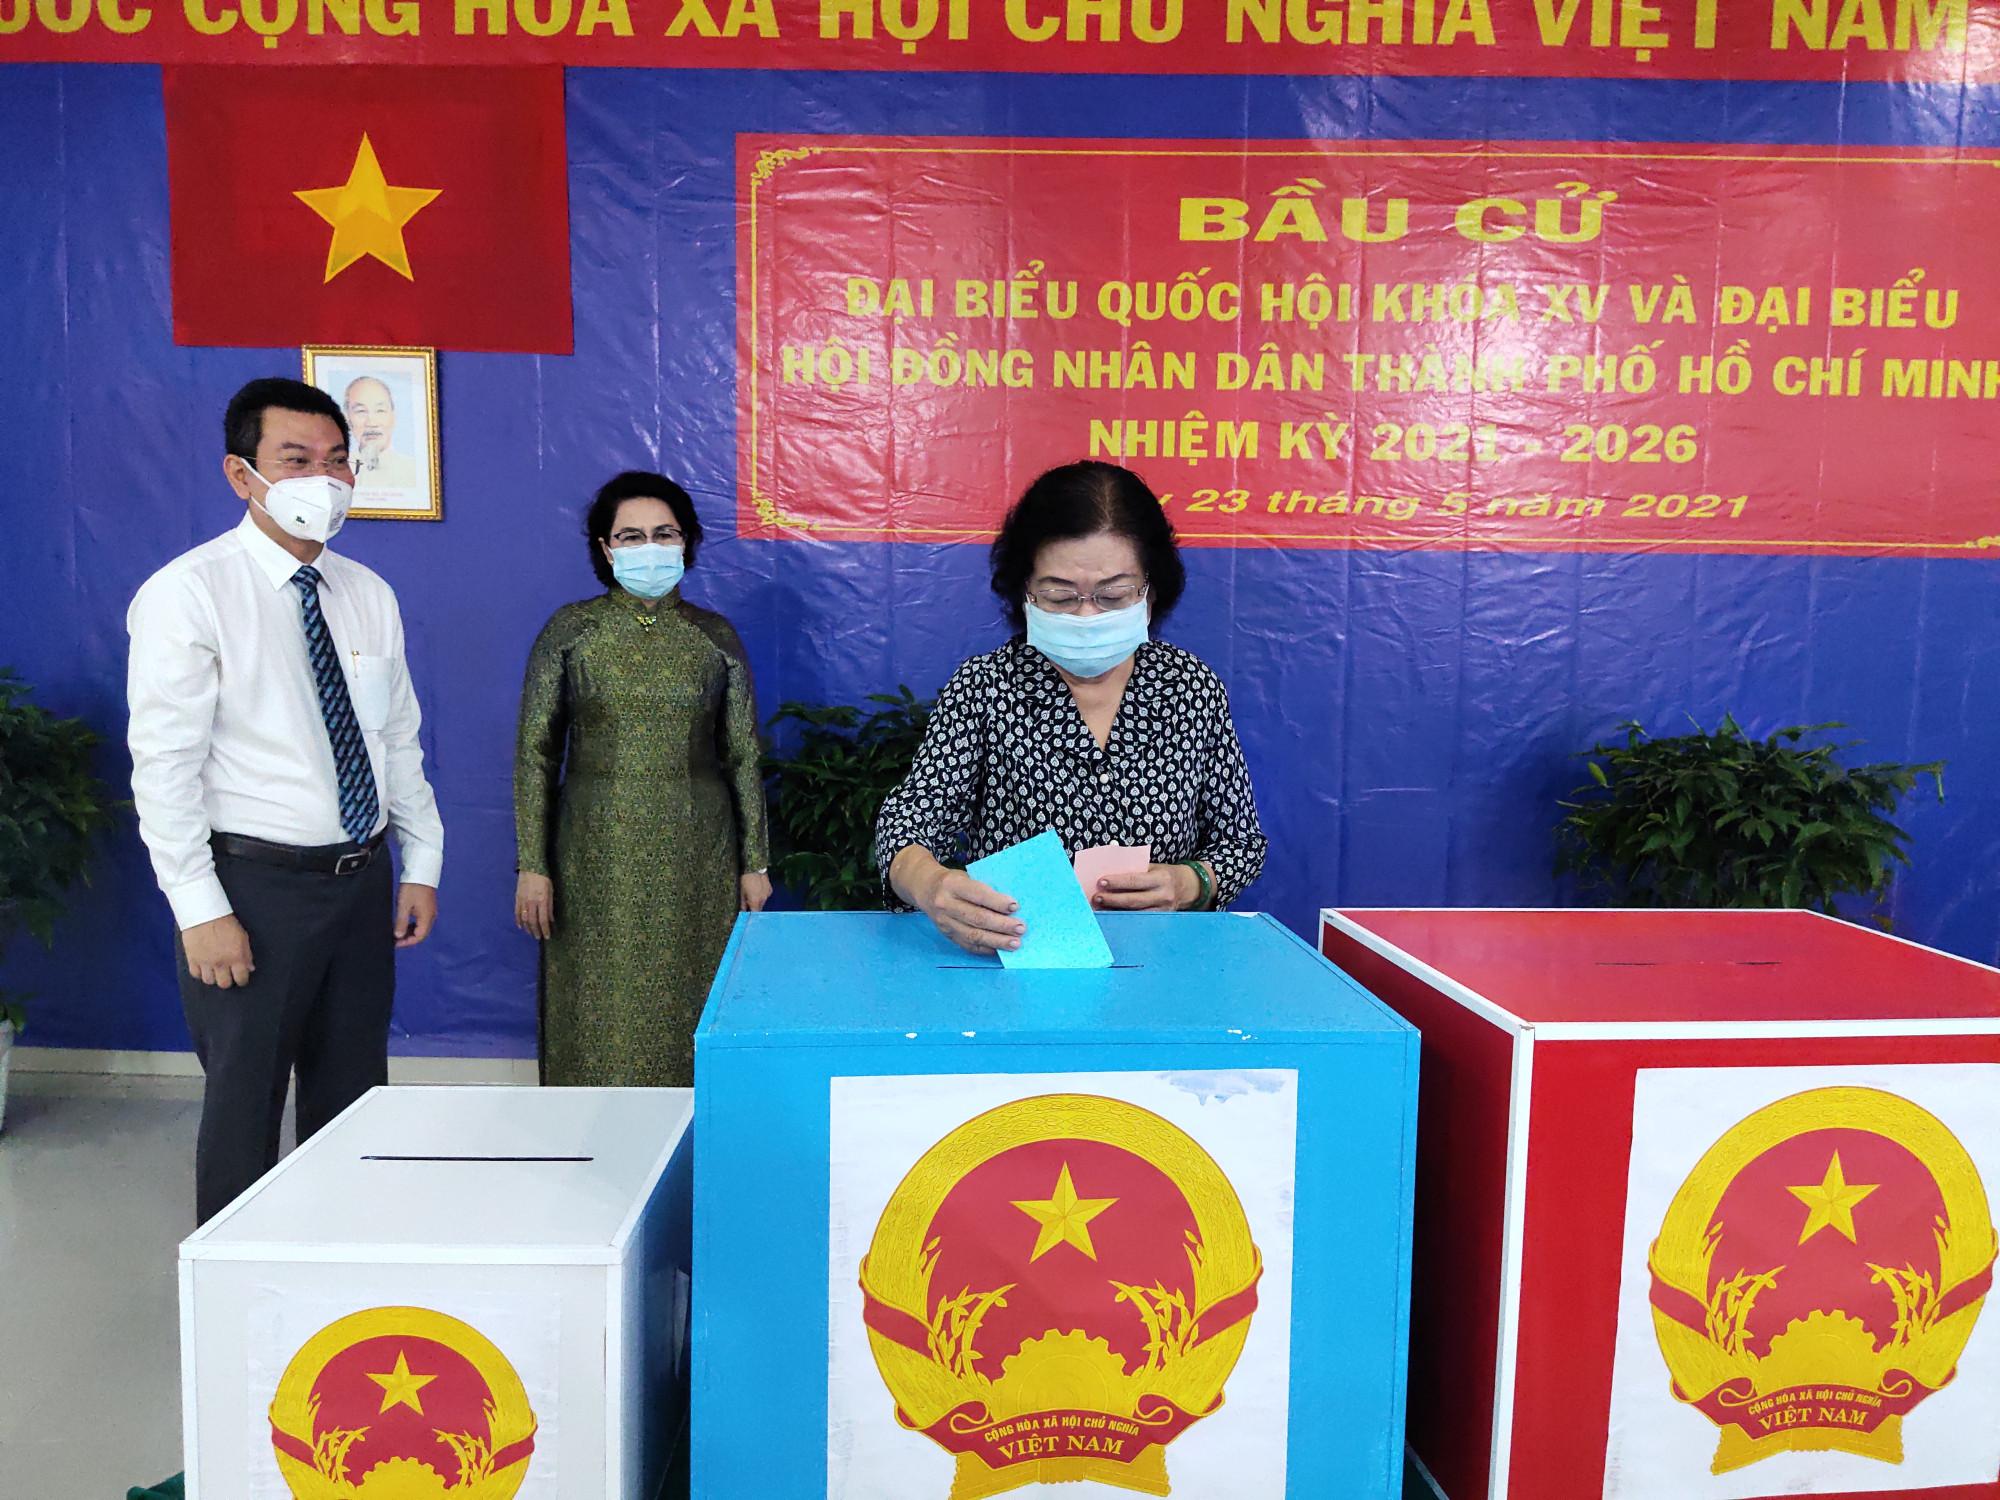 Nguyên Phó chủ tịch nước Trương Mỹ Hoa bỏ lá phiếu đầu tiên tại điểm bầu cử 102